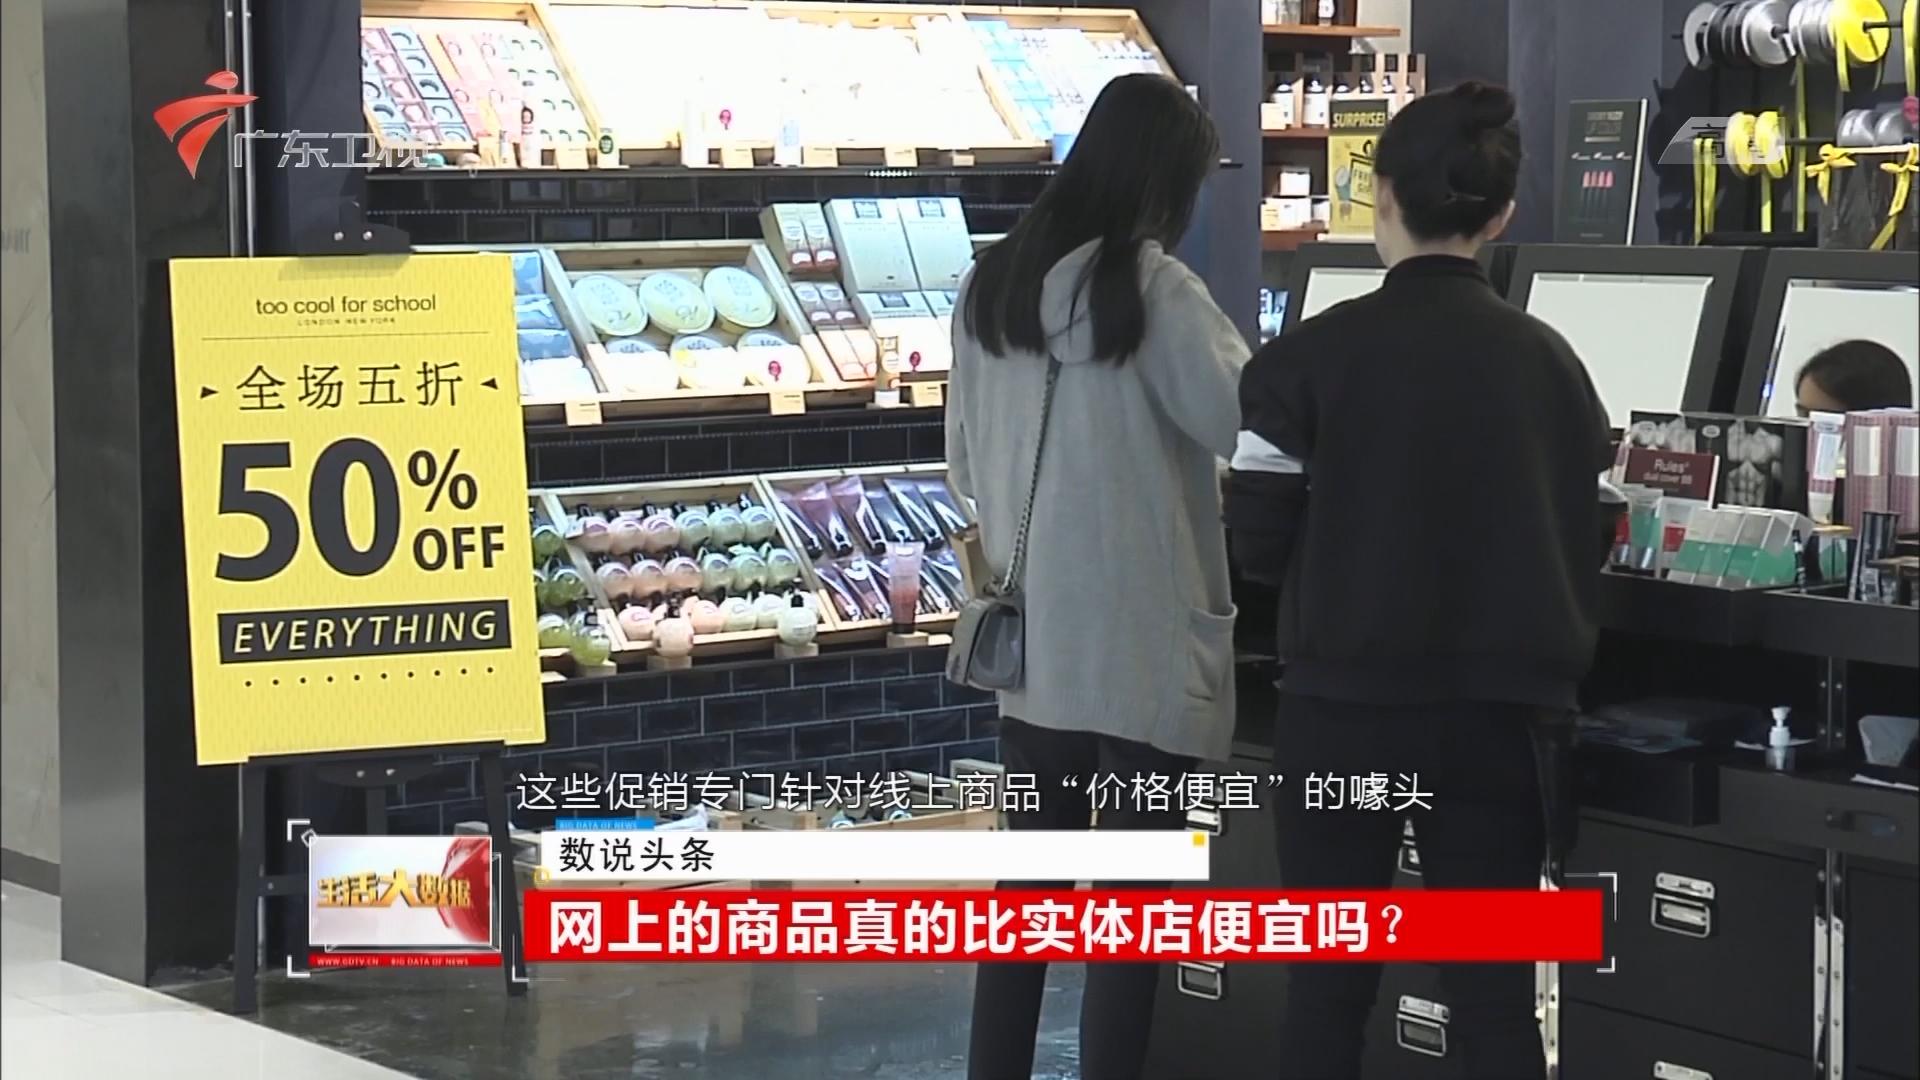 网上的商品真的比实体店便宜吗?